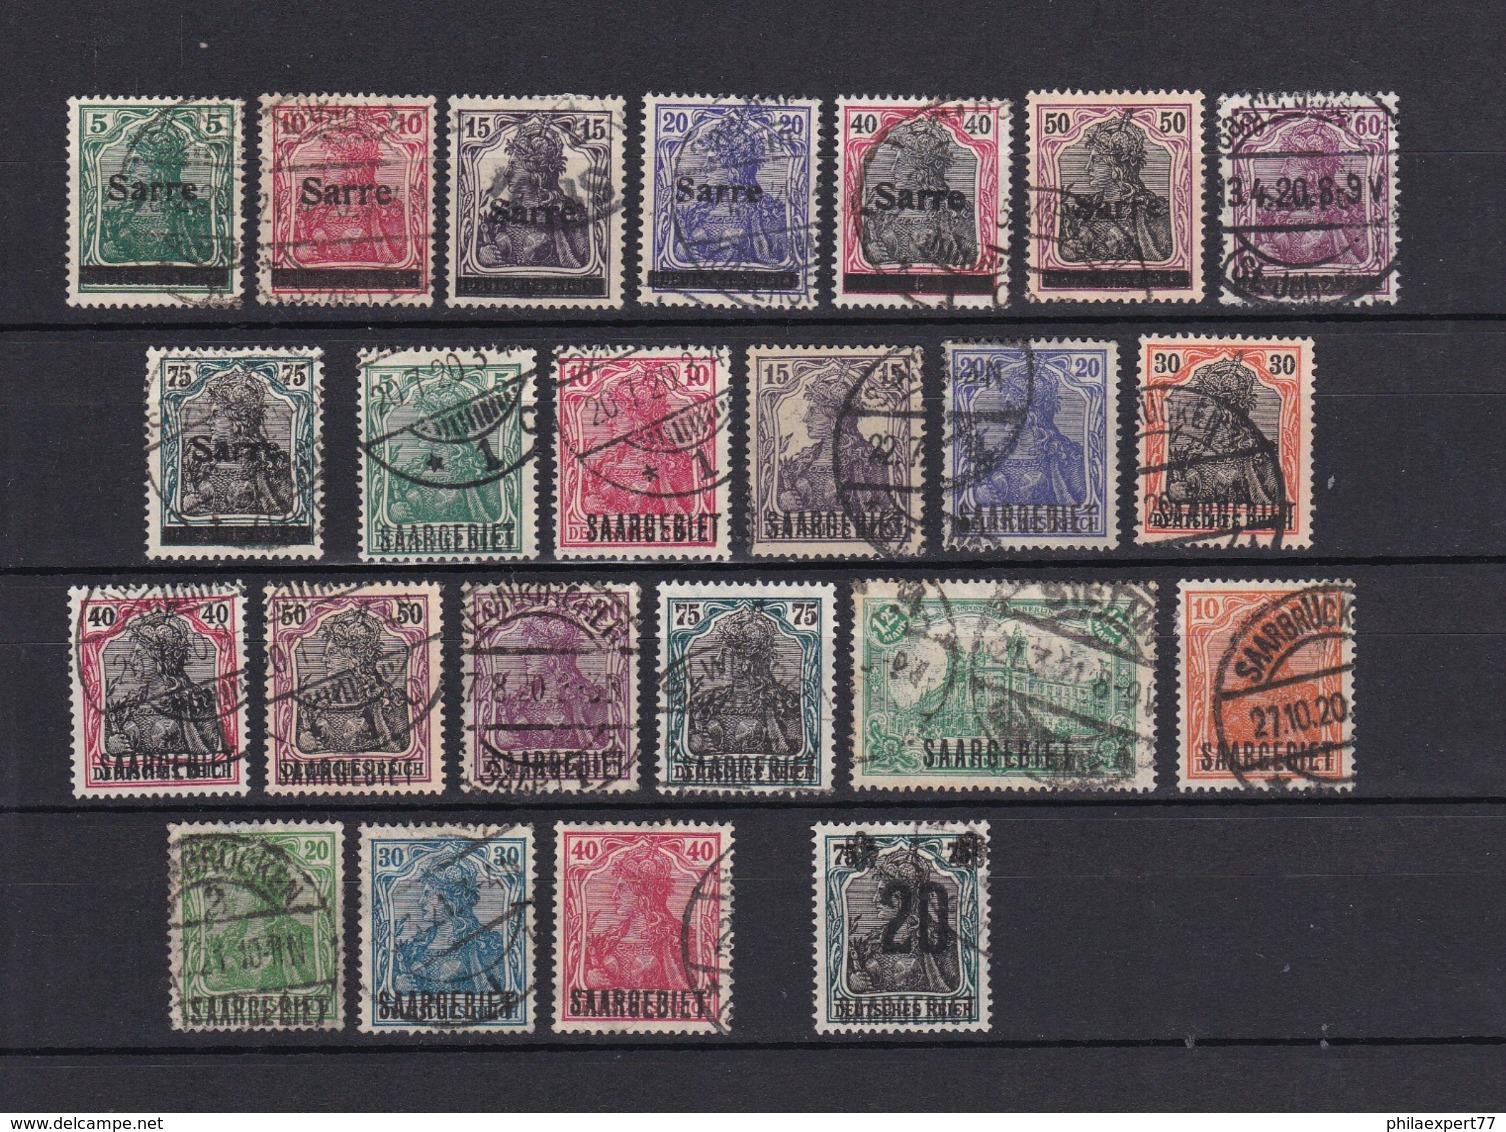 Saargebiet - 1920/21 - Sammlung - Gest. - Gebraucht